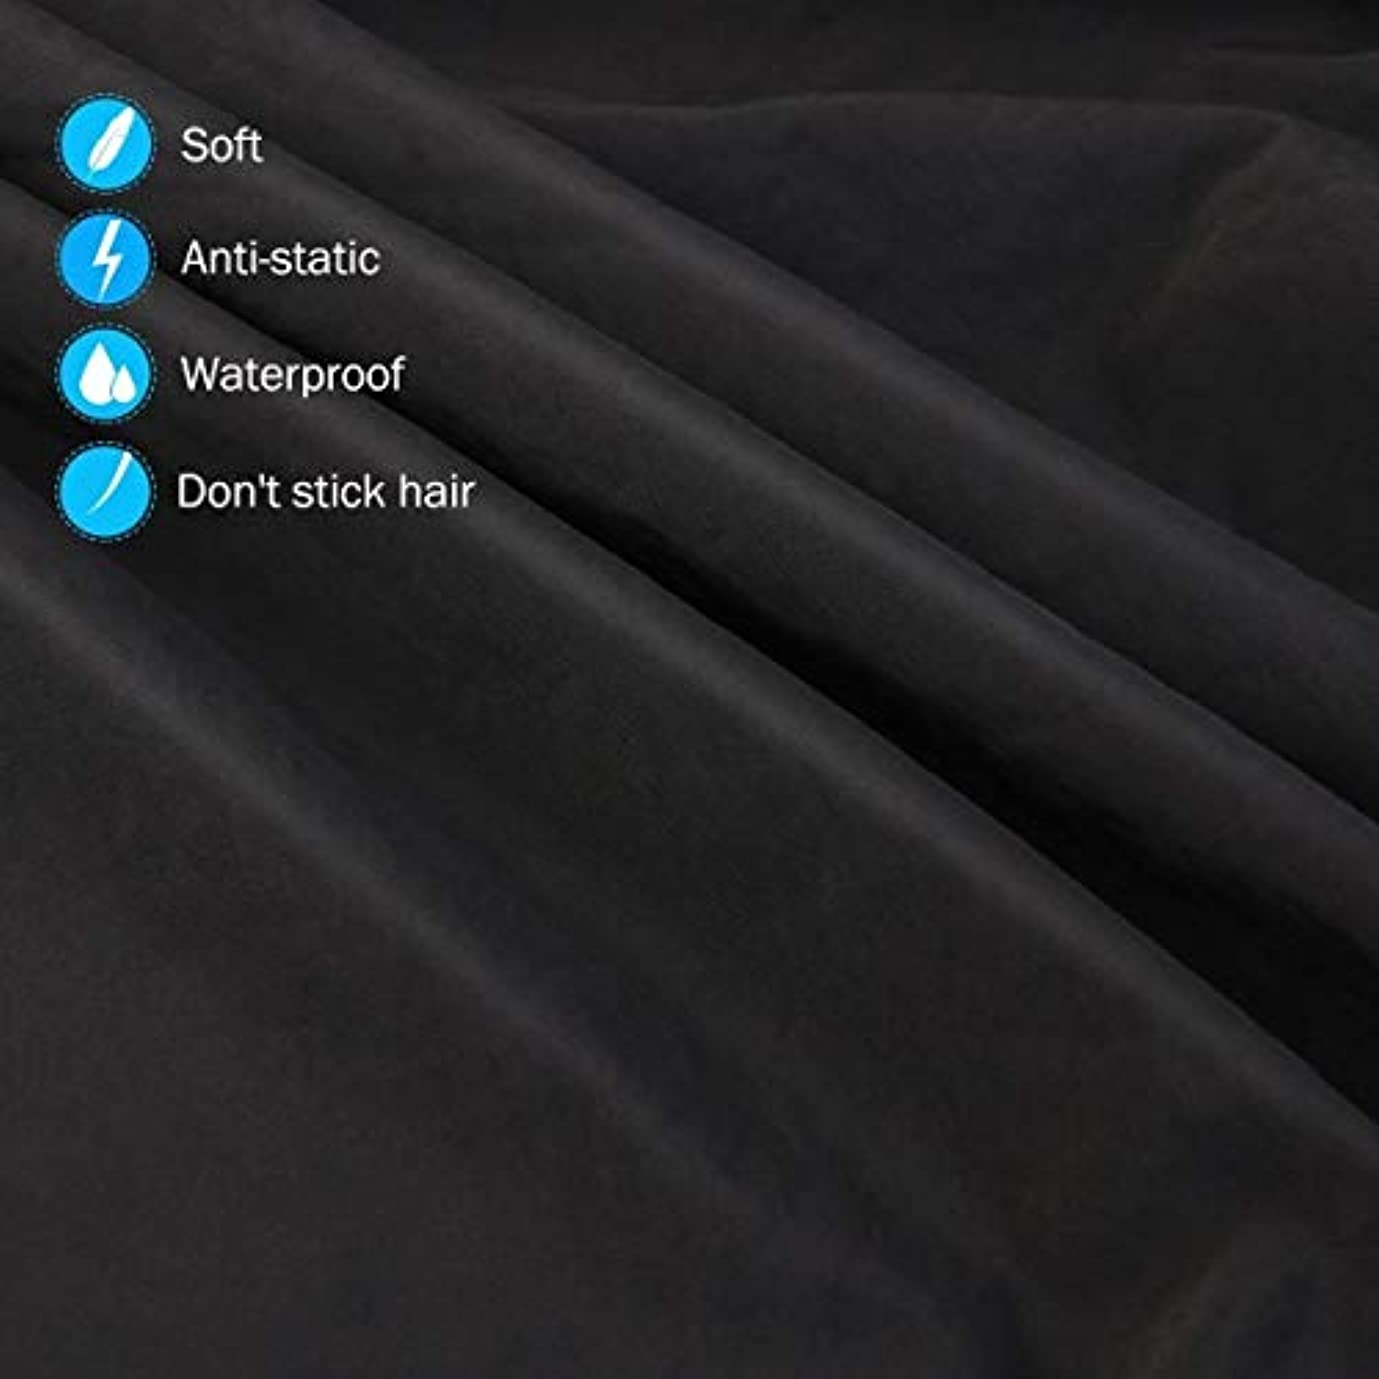 ソーセージ鉄道リストHIZLJJ 大広間の家の理髪師の観覧の窓が付いている理髪ケープのガウン毛の切断のための目に見える観覧の窓が付いている防水大広間のガウンのエプロン